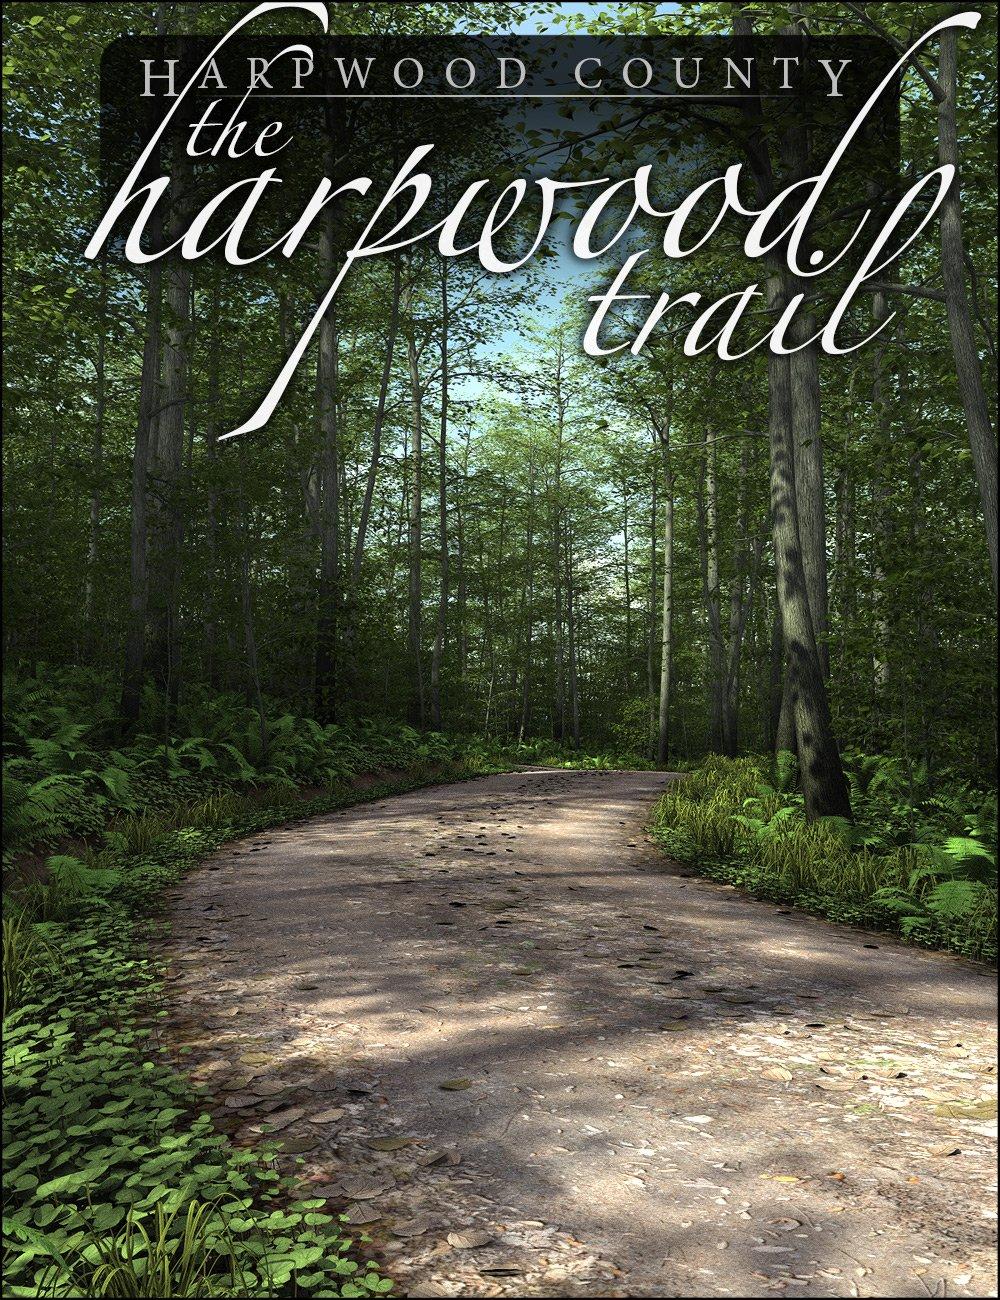 The Harpwood Trail for Daz Studio by: HowieFarkes, 3D Models by Daz 3D